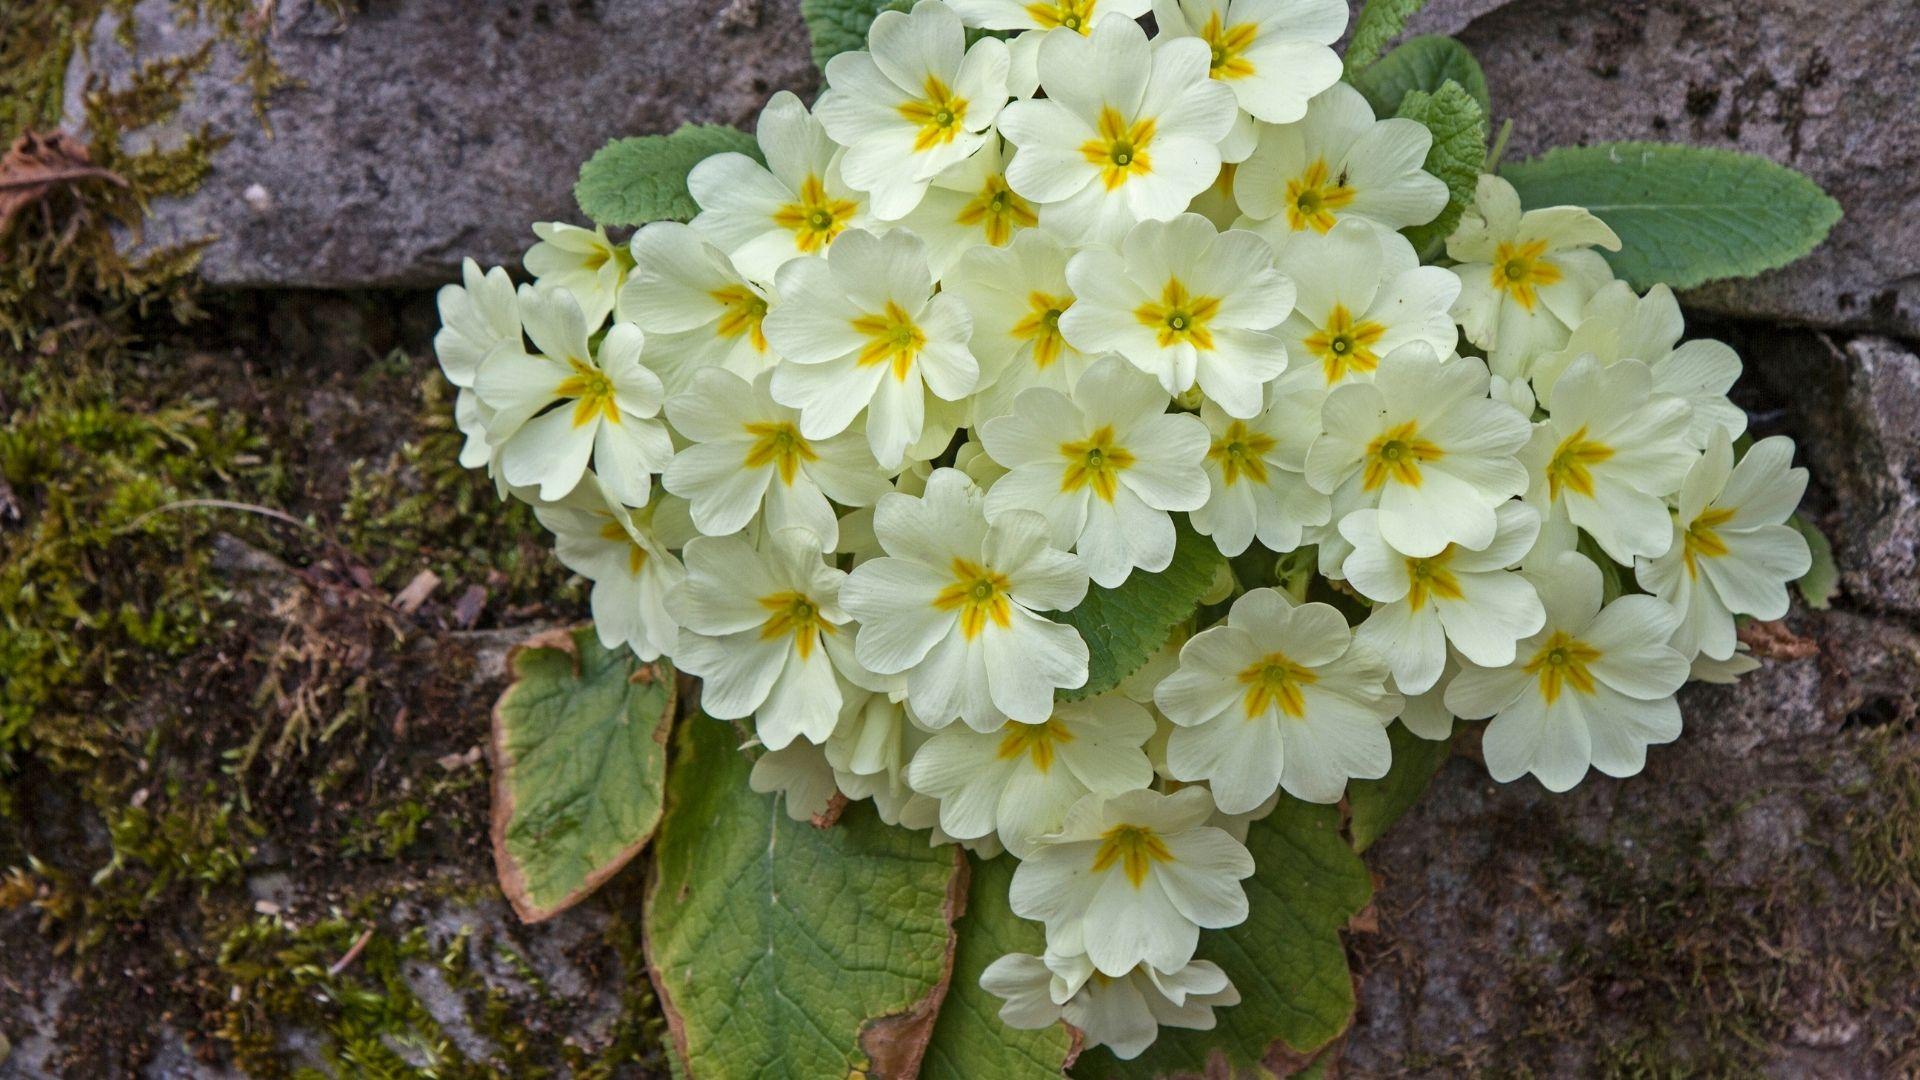 Common Primrose (Primula vulgaris)